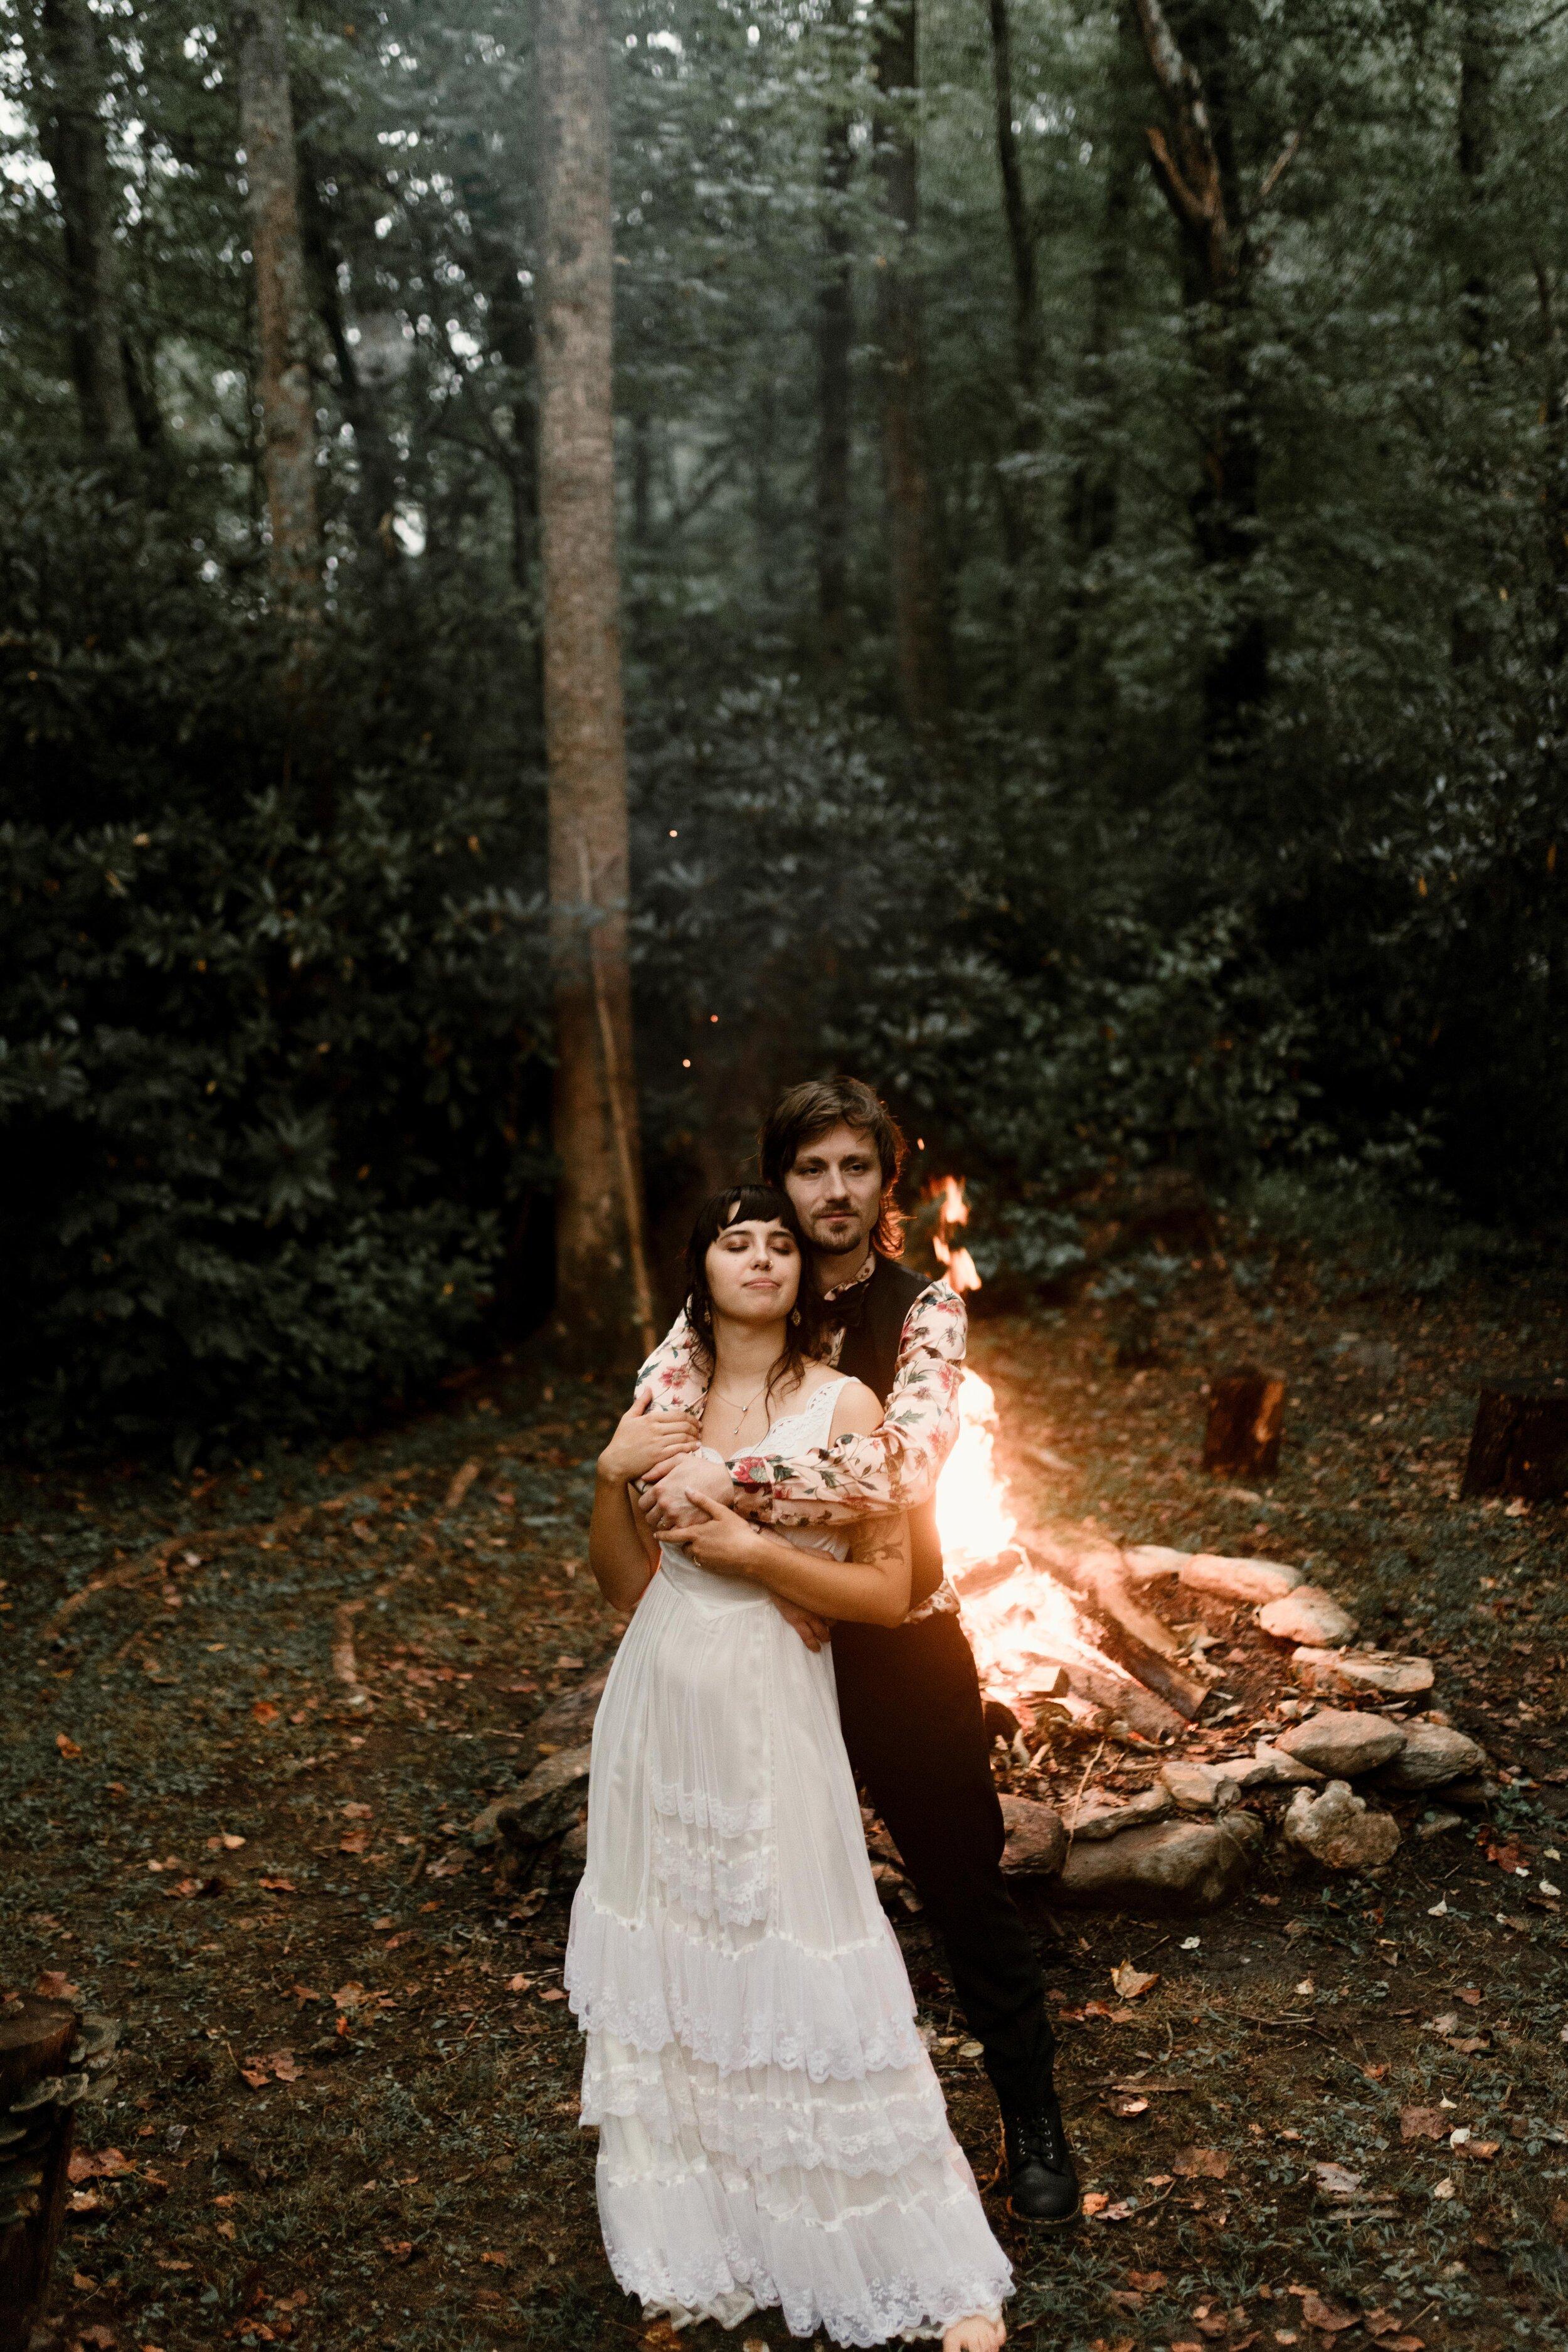 ASHEVILLE_WEDDING_TESS_AND_RYANDSC_5468-2.jpg